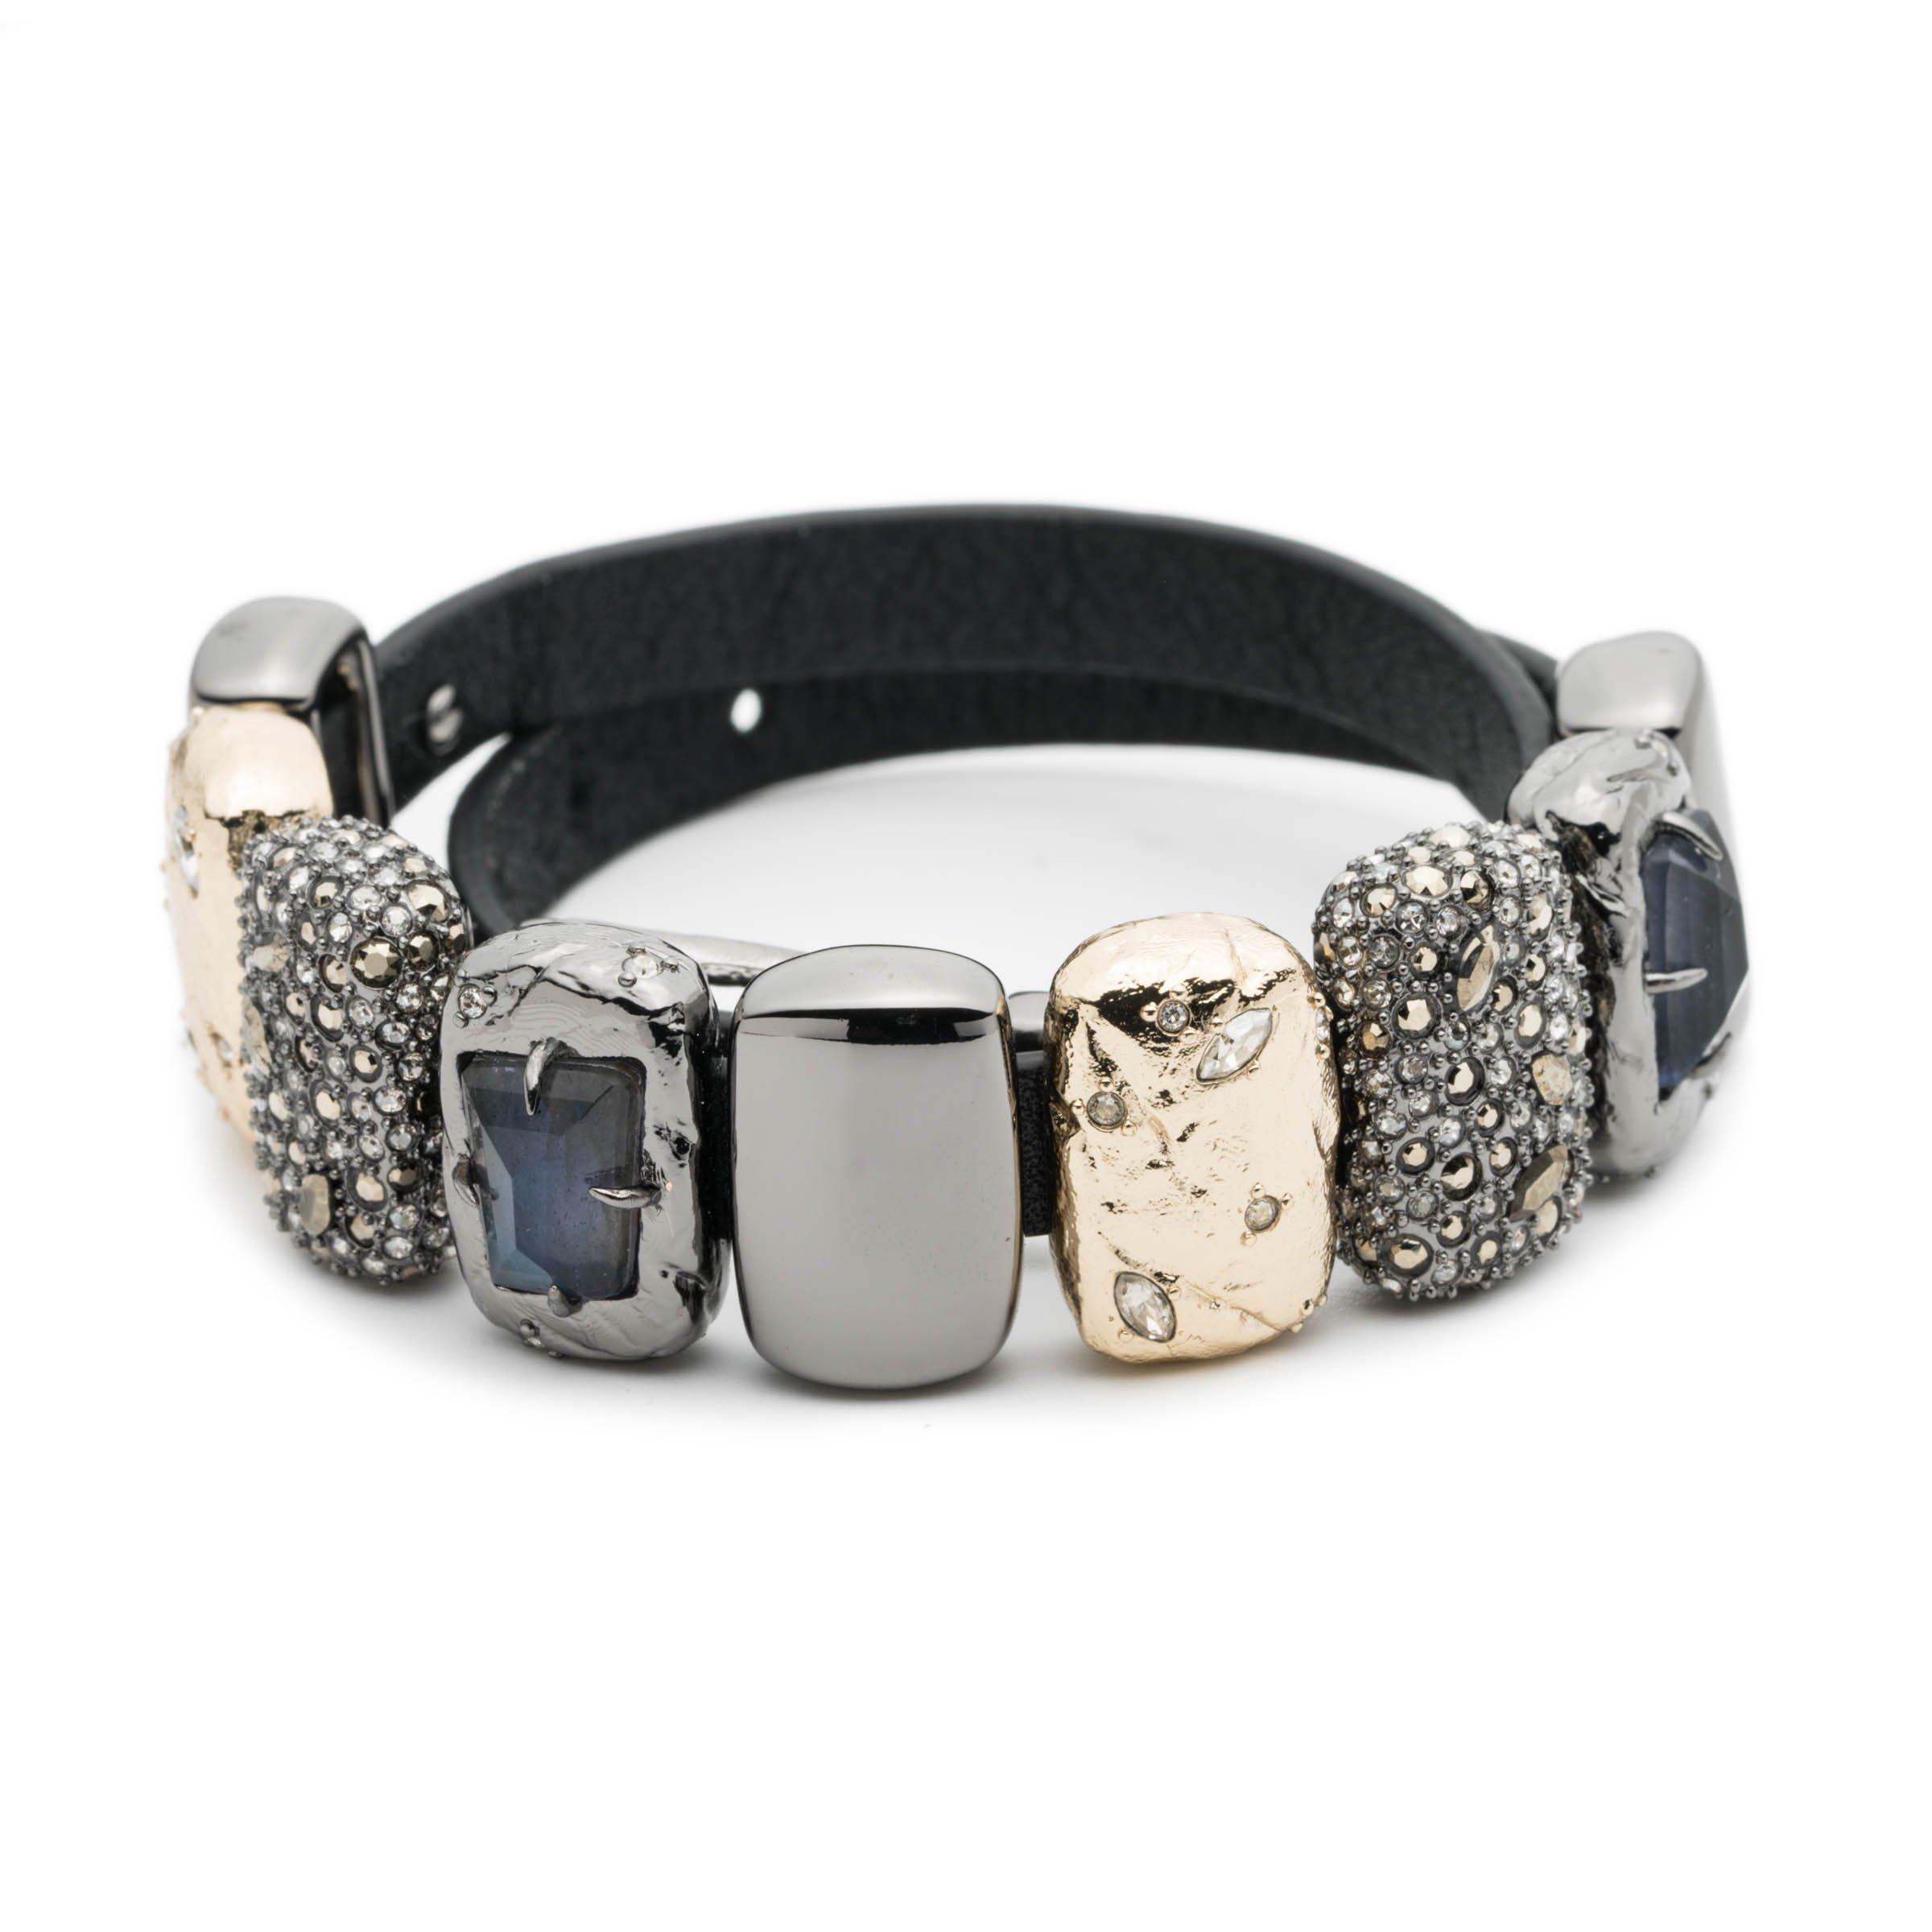 Alexis Bittar Leather Choker/Wrap Bracelet W/Charms with Swarovski Crystal Accent